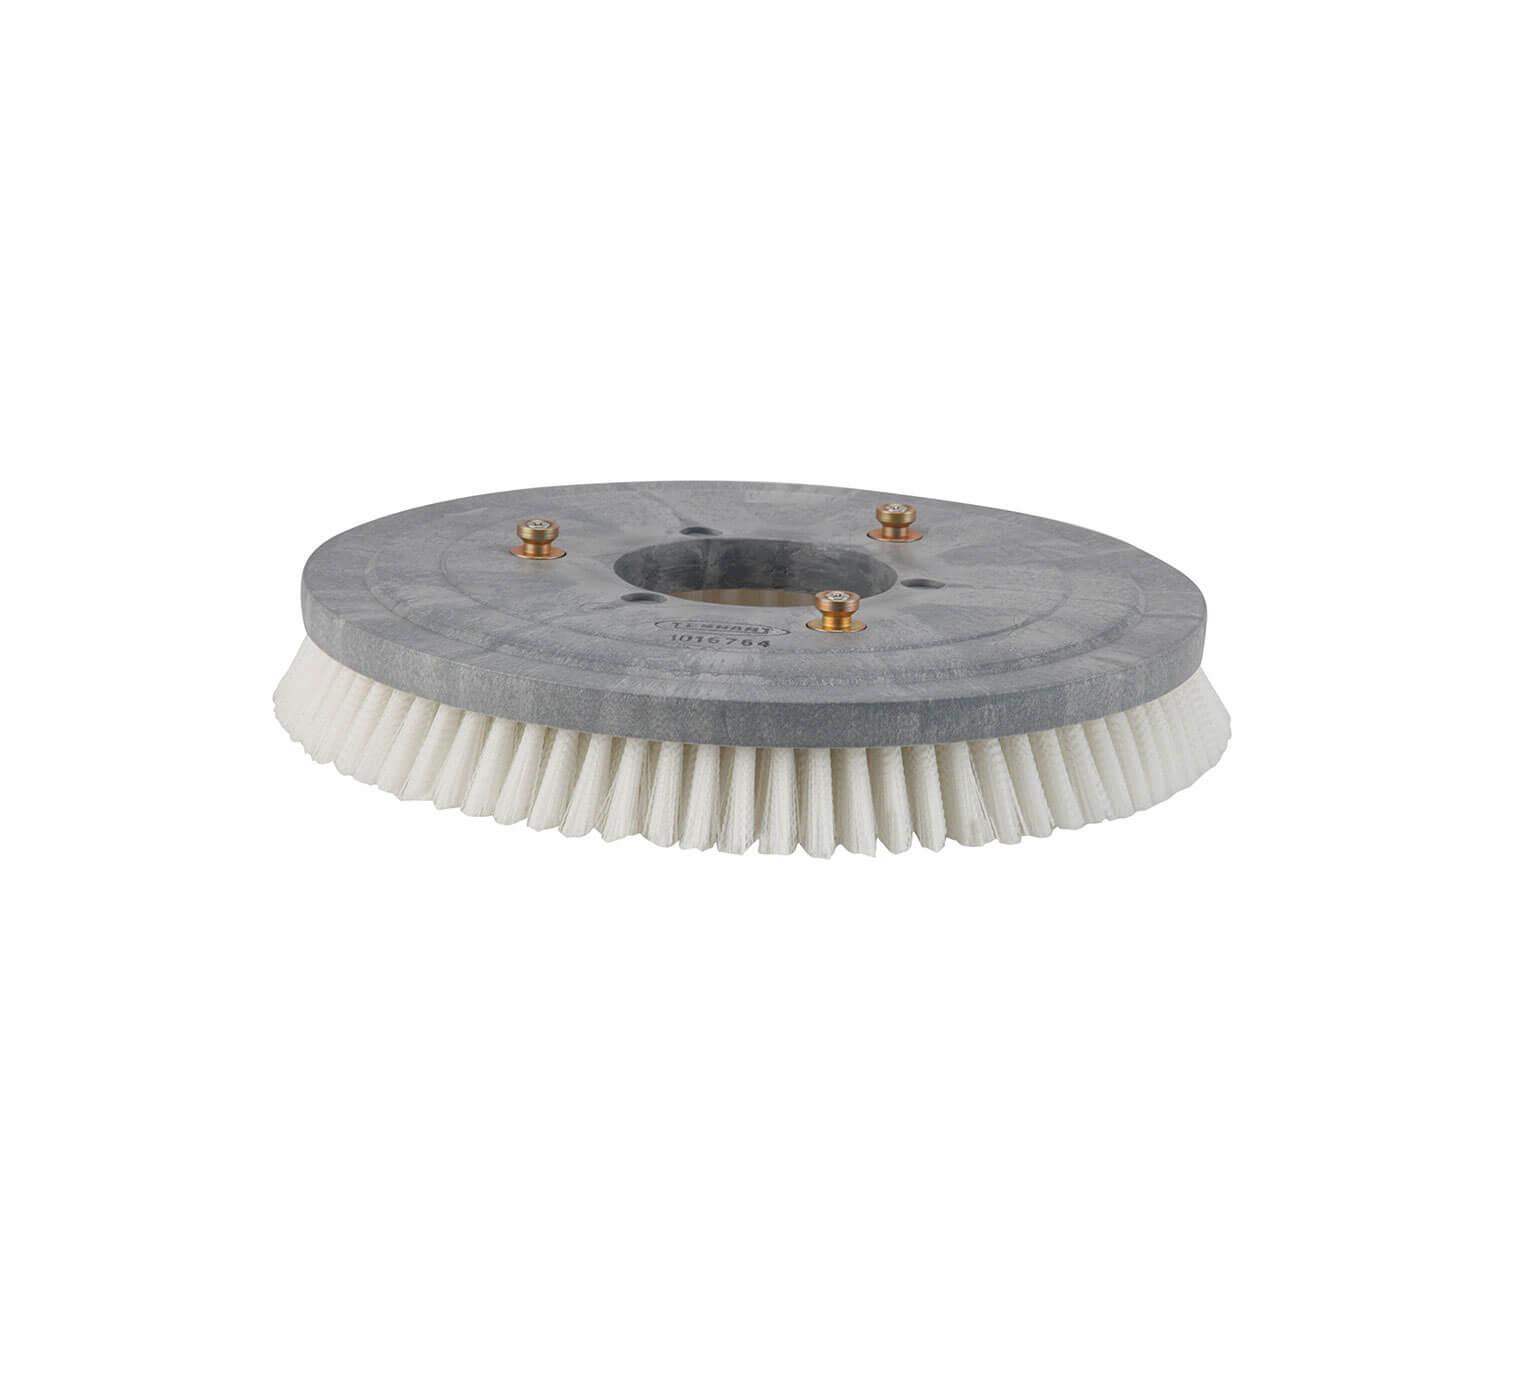 1016764 <br>Нейлоновая дисковая чистящая щетка в сборе -17 дюймов / 432 мм